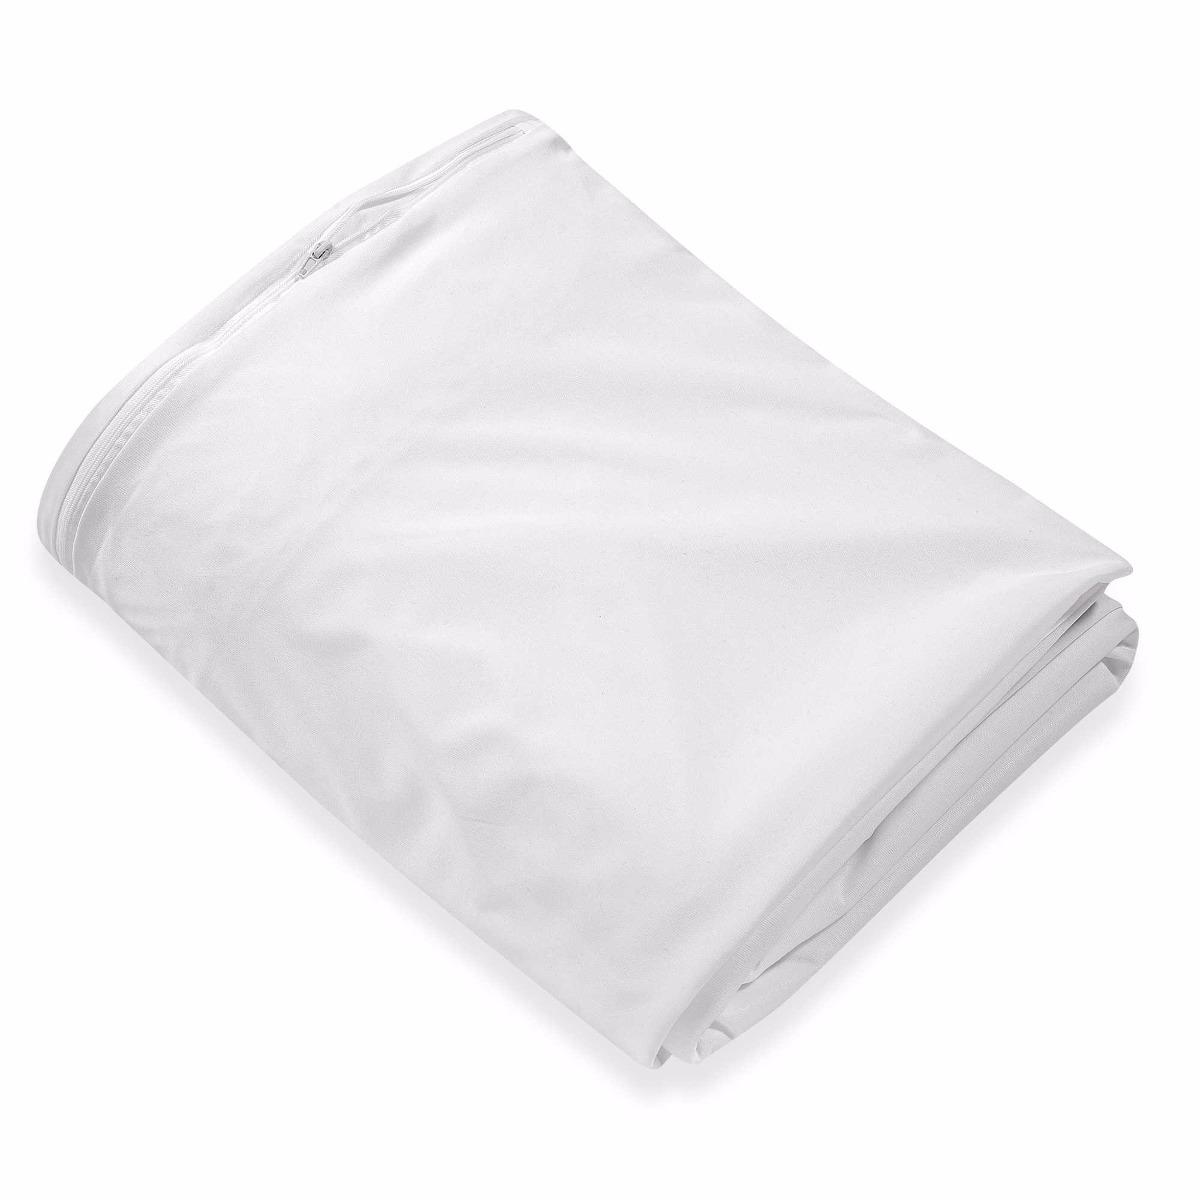 Protector de colch n arcansas impermeable cama doble - Protector de colchon impermeable ...